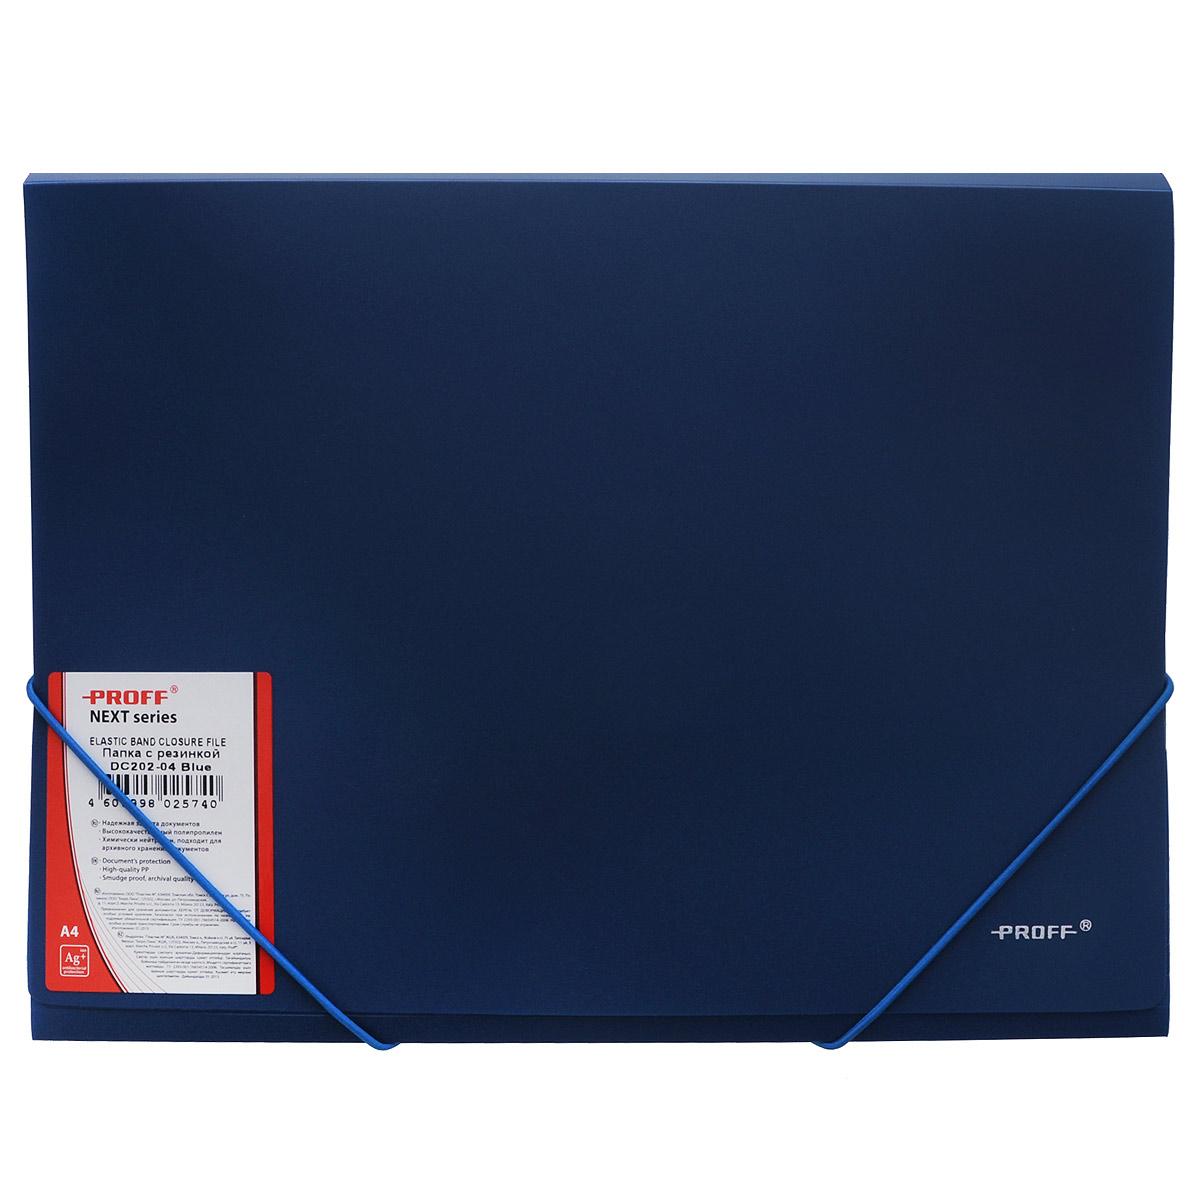 Папка на резинке Proff Next, ширина корешка 20 мм, цвет: синий. Формат А4DC202-04Папка на резинке Proff Next - это удобный и функциональный офисный инструмент, предназначенный для хранения и транспортировки рабочих бумаг и документов формата А4. Папка изготовлена из износостойкого высококачественного полипропилена. Внутри папка имеет три клапана, что обеспечивает надежную фиксацию бумаг и документов. Папка - это незаменимый атрибут для студента, школьника, офисного работника. Такая папка надежно сохранит ваши документы и сбережет их от повреждений, пыли и влаги.